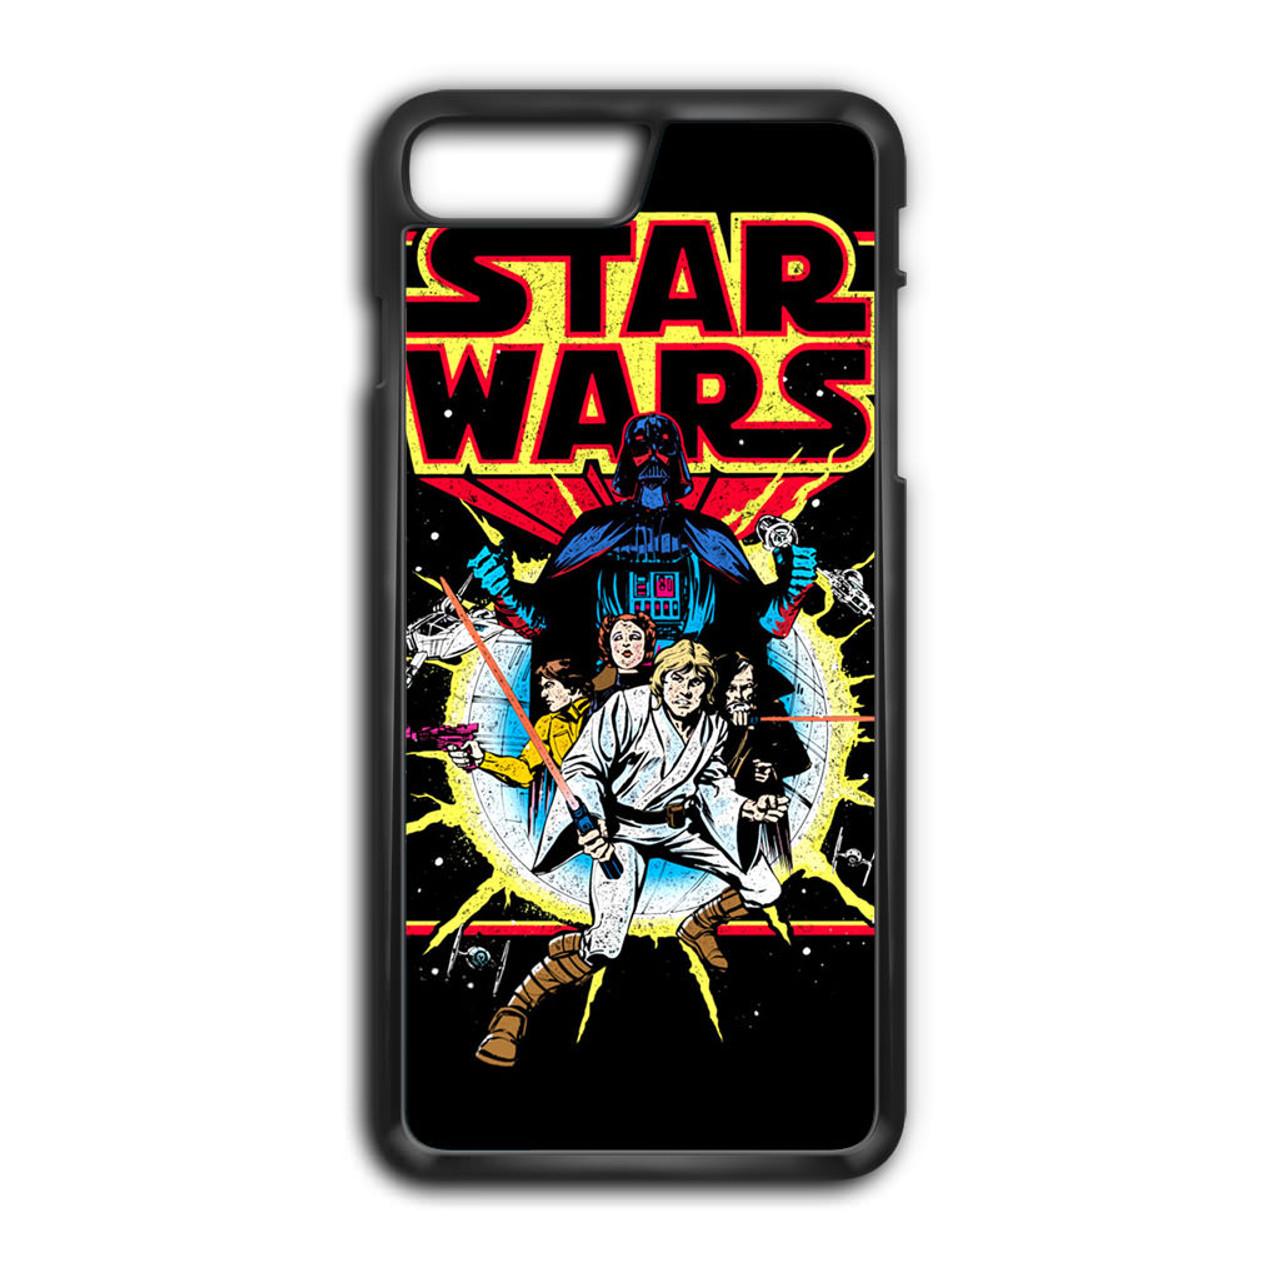 wholesale dealer 45fc1 4f1d3 Retro Star Wars Comic iPhone 7 Plus Case